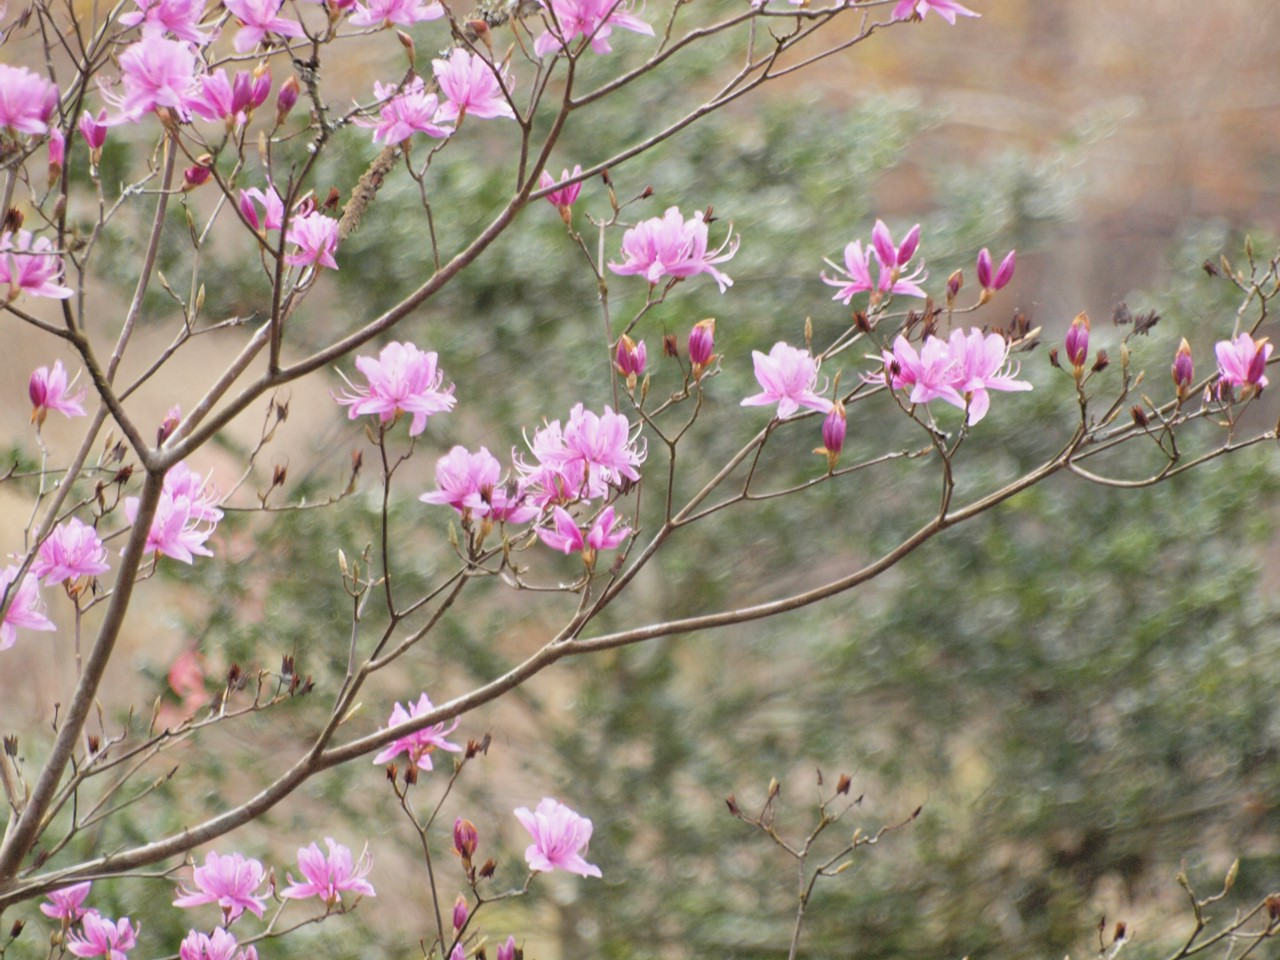 『寺尾ヶ原千本桜公園を歩いて』_d0054276_2112351.jpg